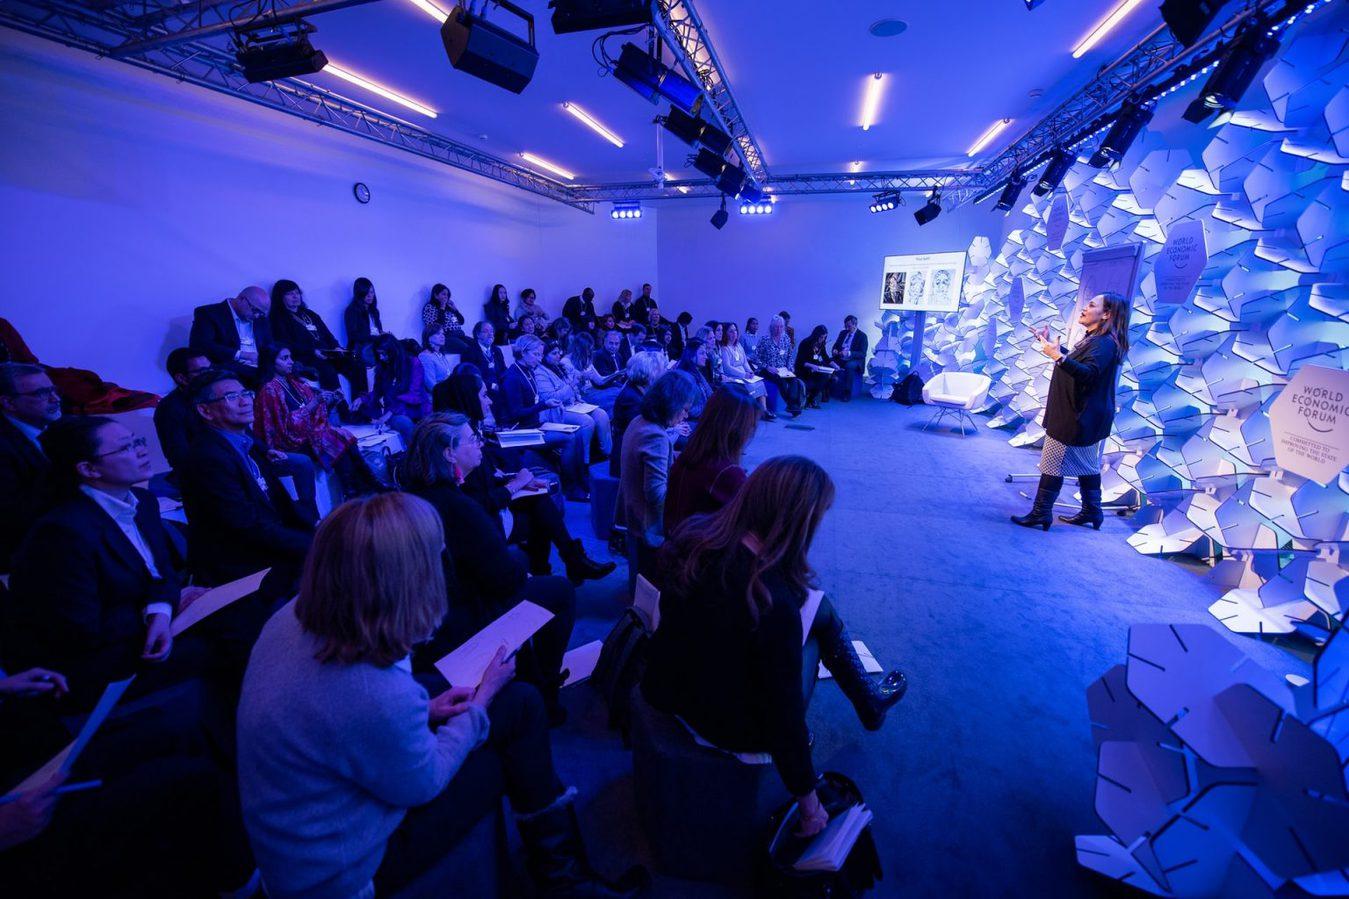 Inside a blue seminar room